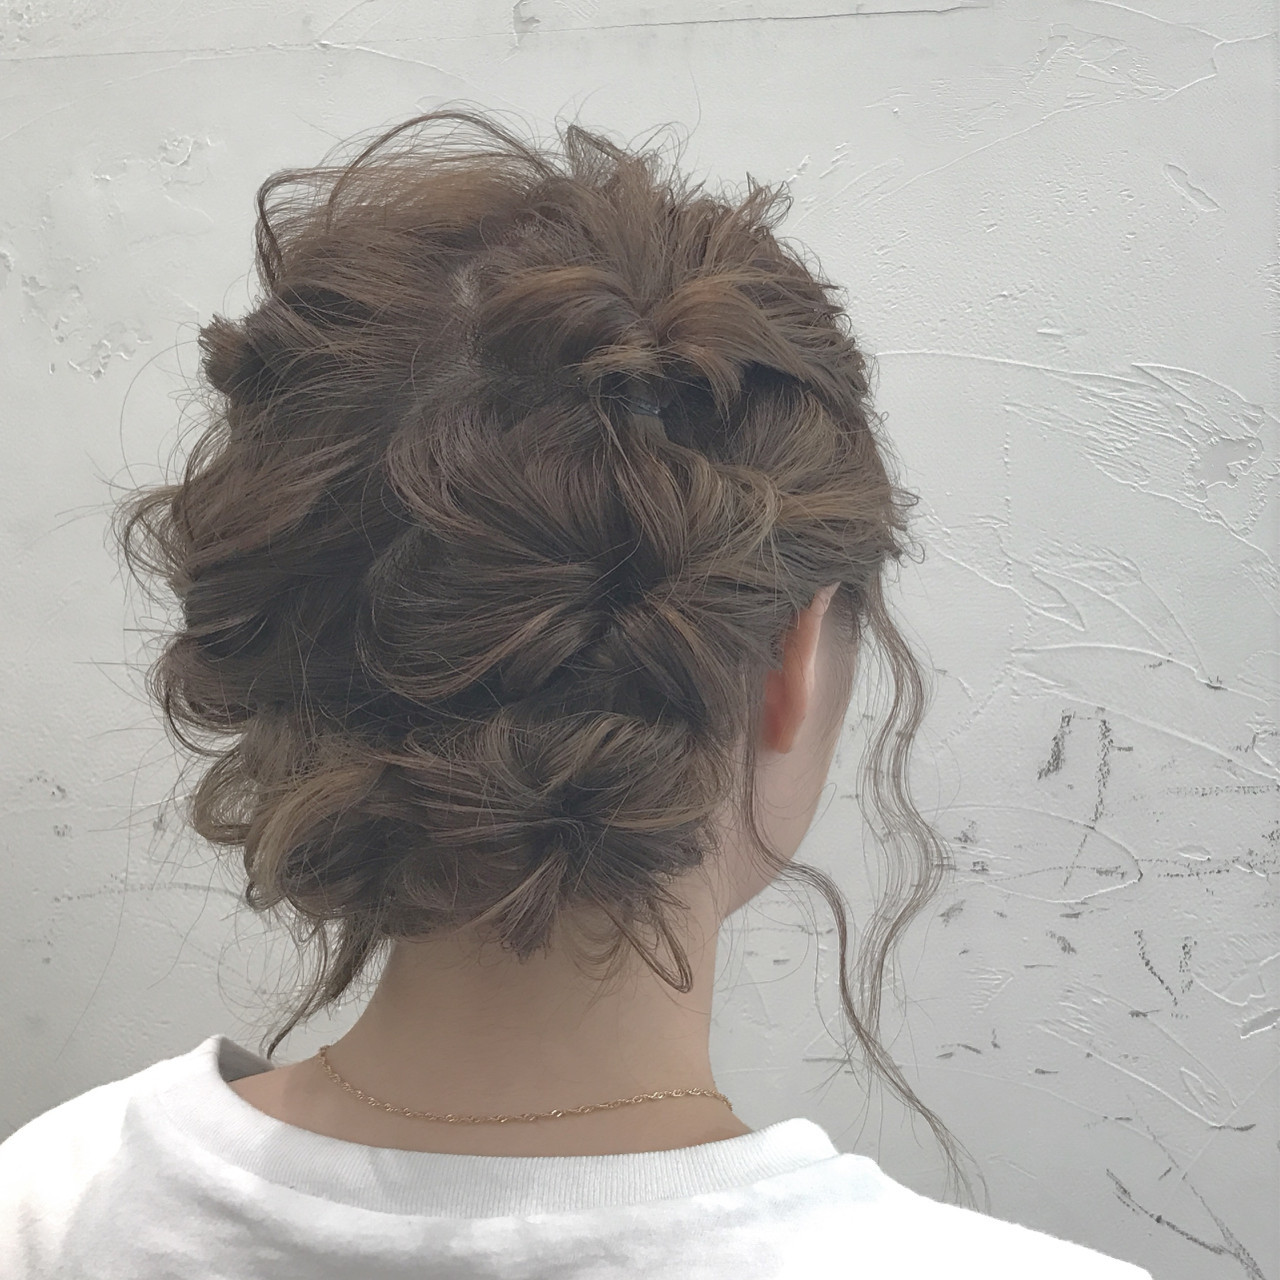 二次会 結婚式 くるりんぱ セミロング ヘアスタイルや髪型の写真・画像